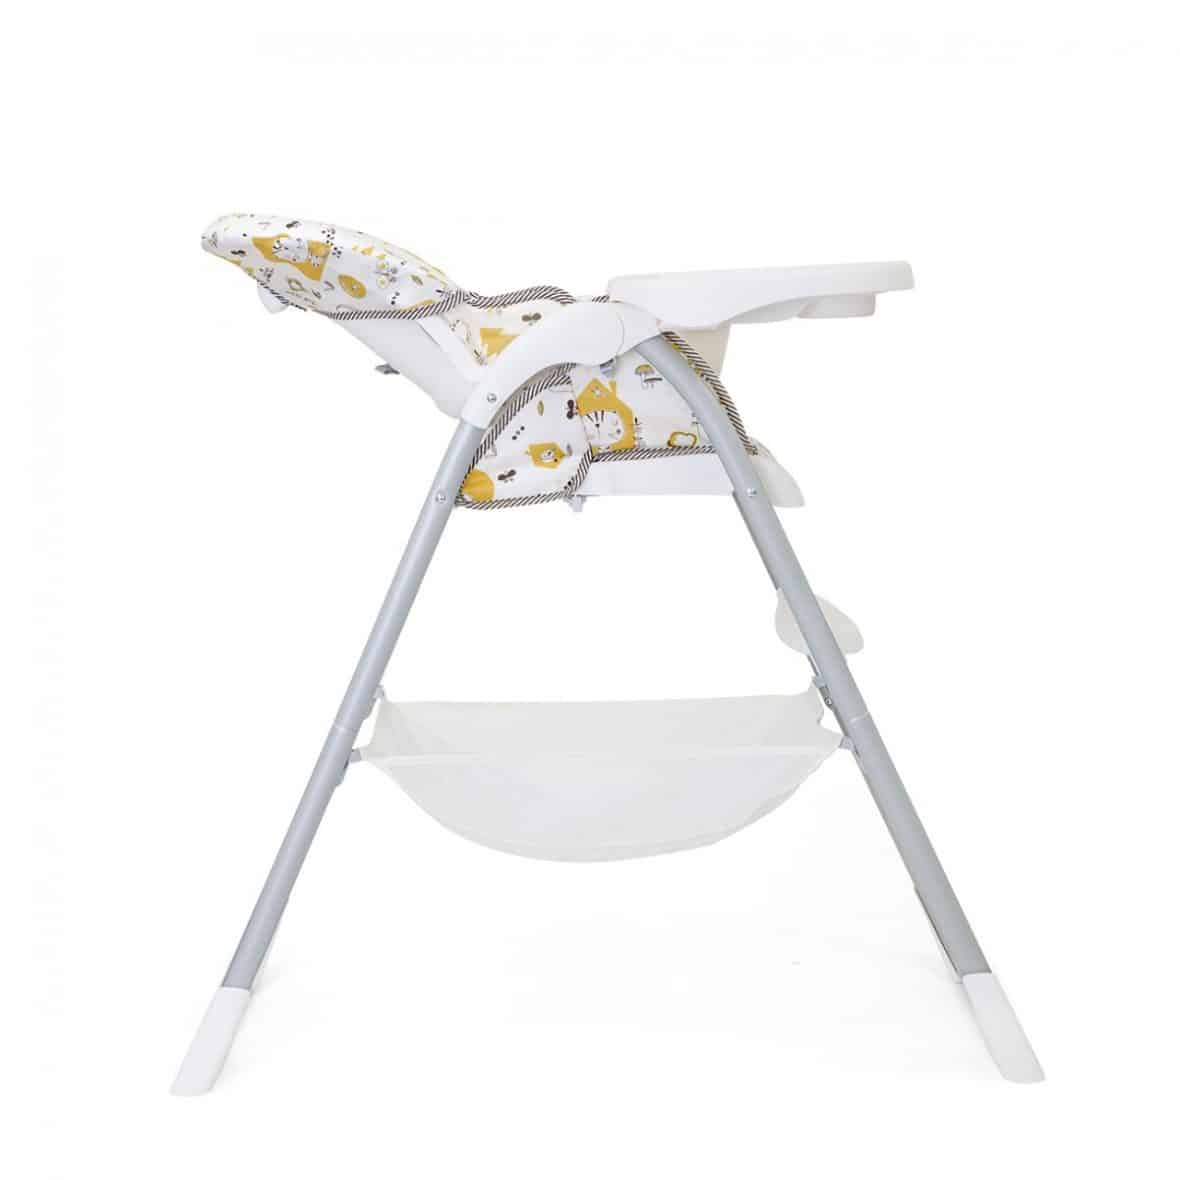 krzeselko-do-karmienia-joie-mimzy-snacker-coseyspaces-04